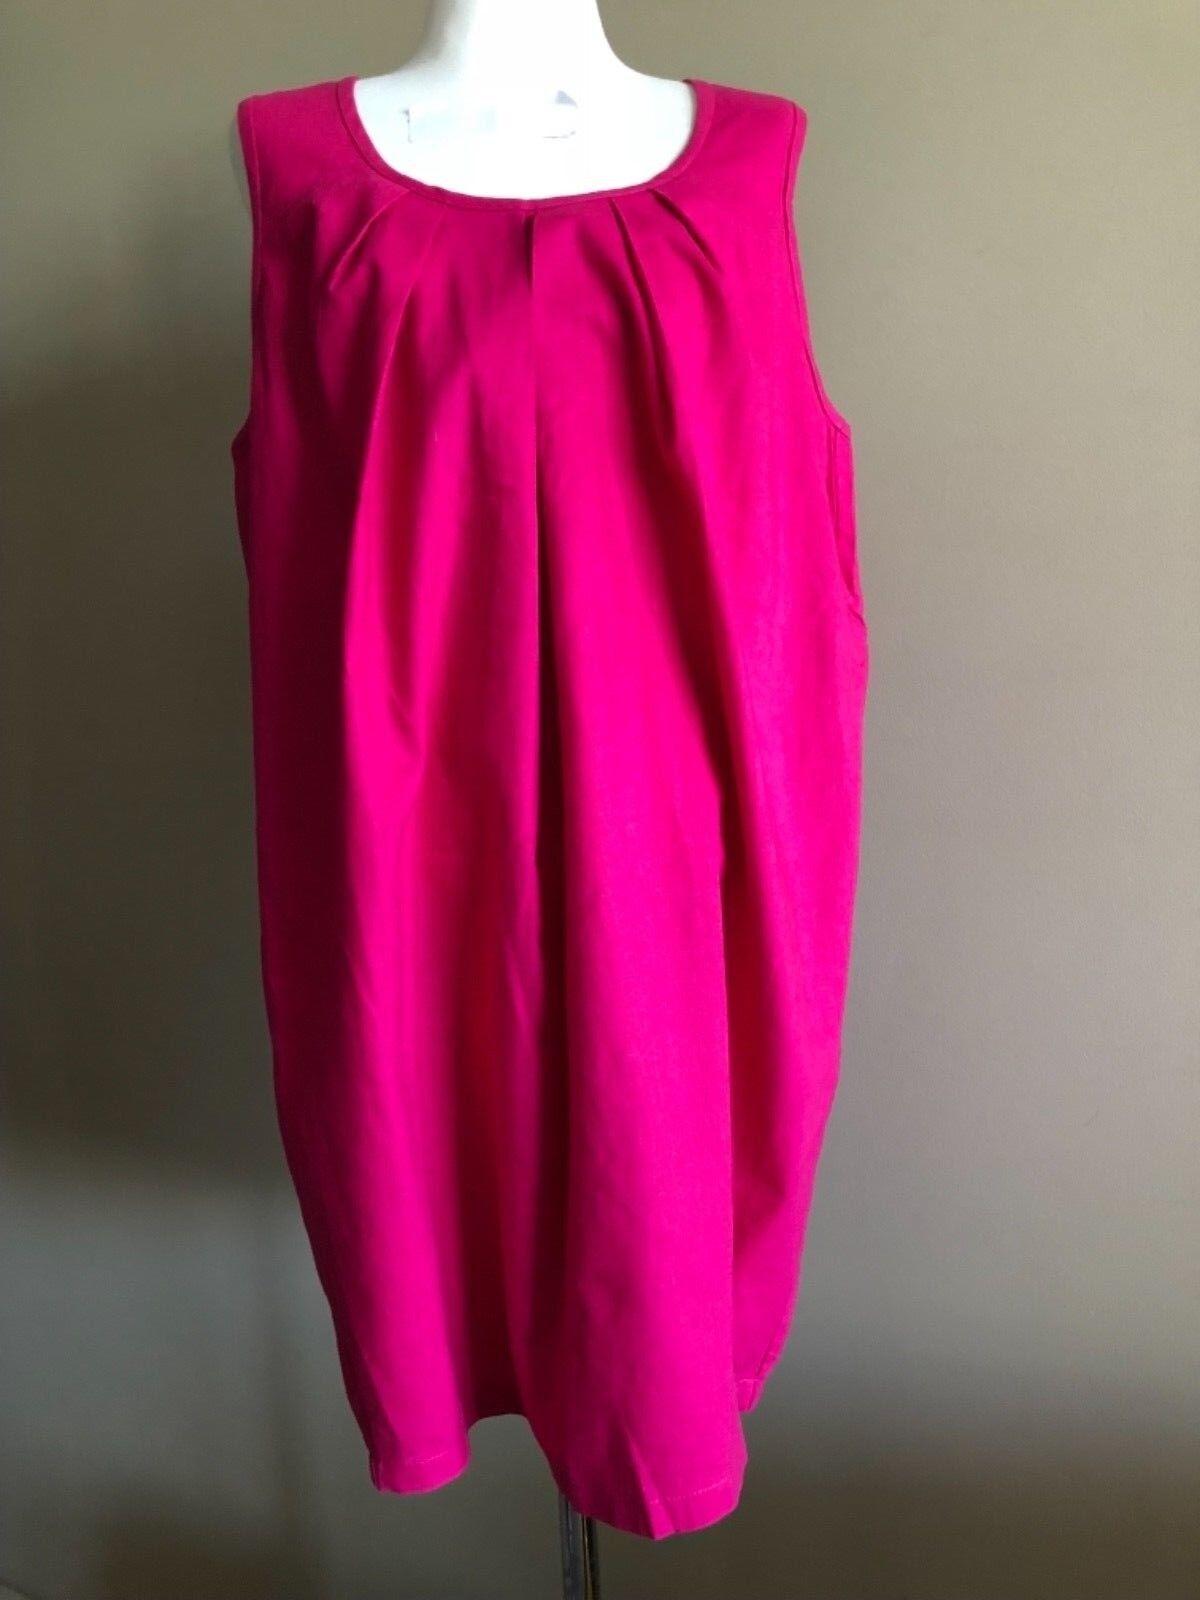 Surafina fuchsia linen linen linen dress, size m, Aus 10-12, new 3ce08f